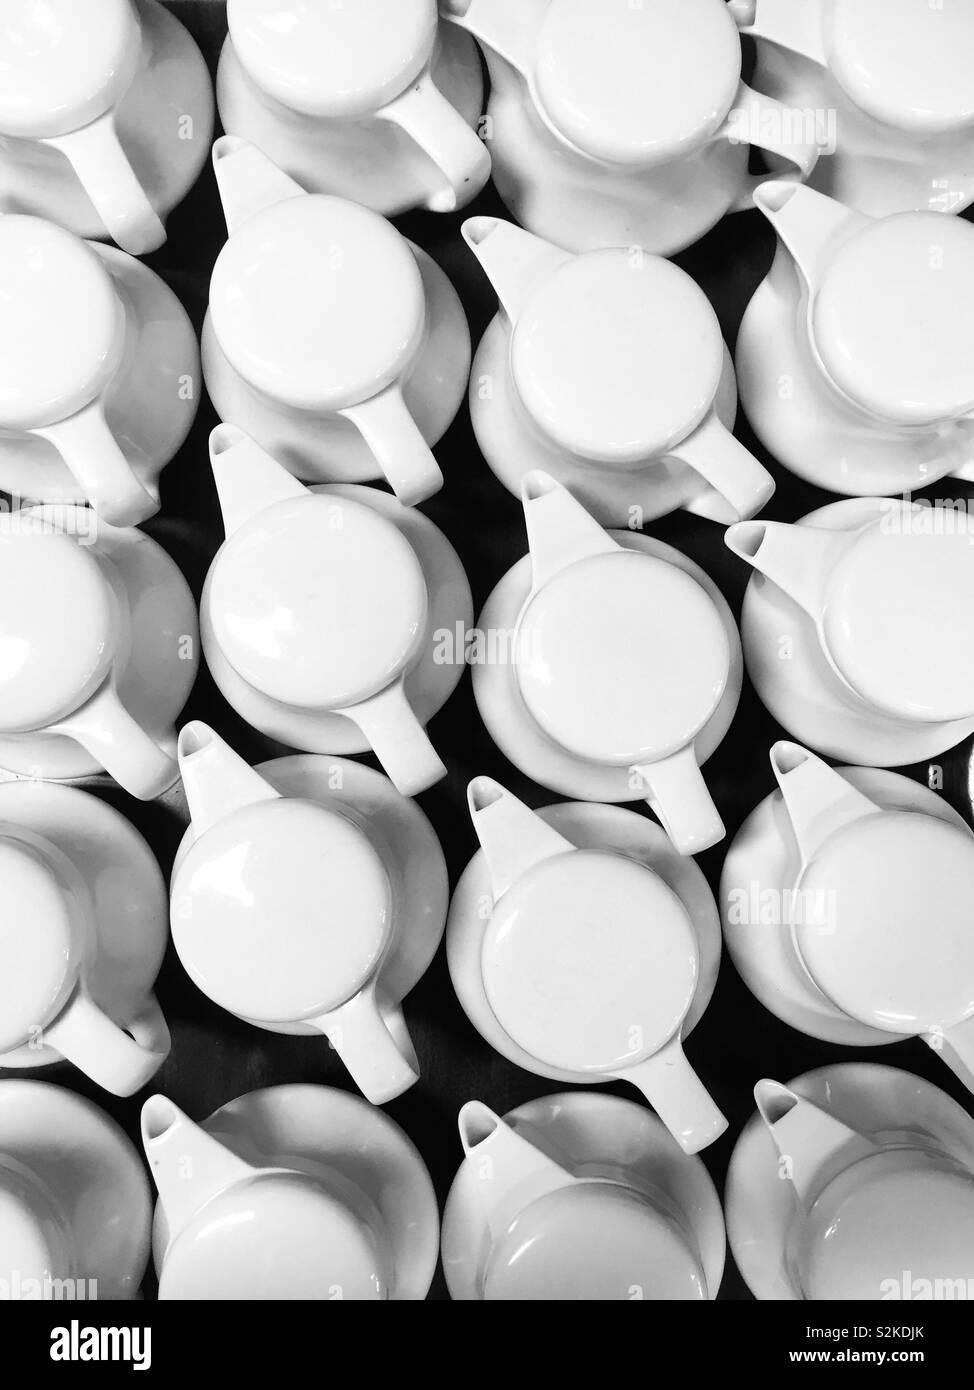 Grupo de ollas de té blanco en las filas de arriba. Formulario de formas y patrones, mirando hacia abajo en varias blanco sobre negro, teteras, mesa de restaurante o cafetería de fondo. Foto de stock